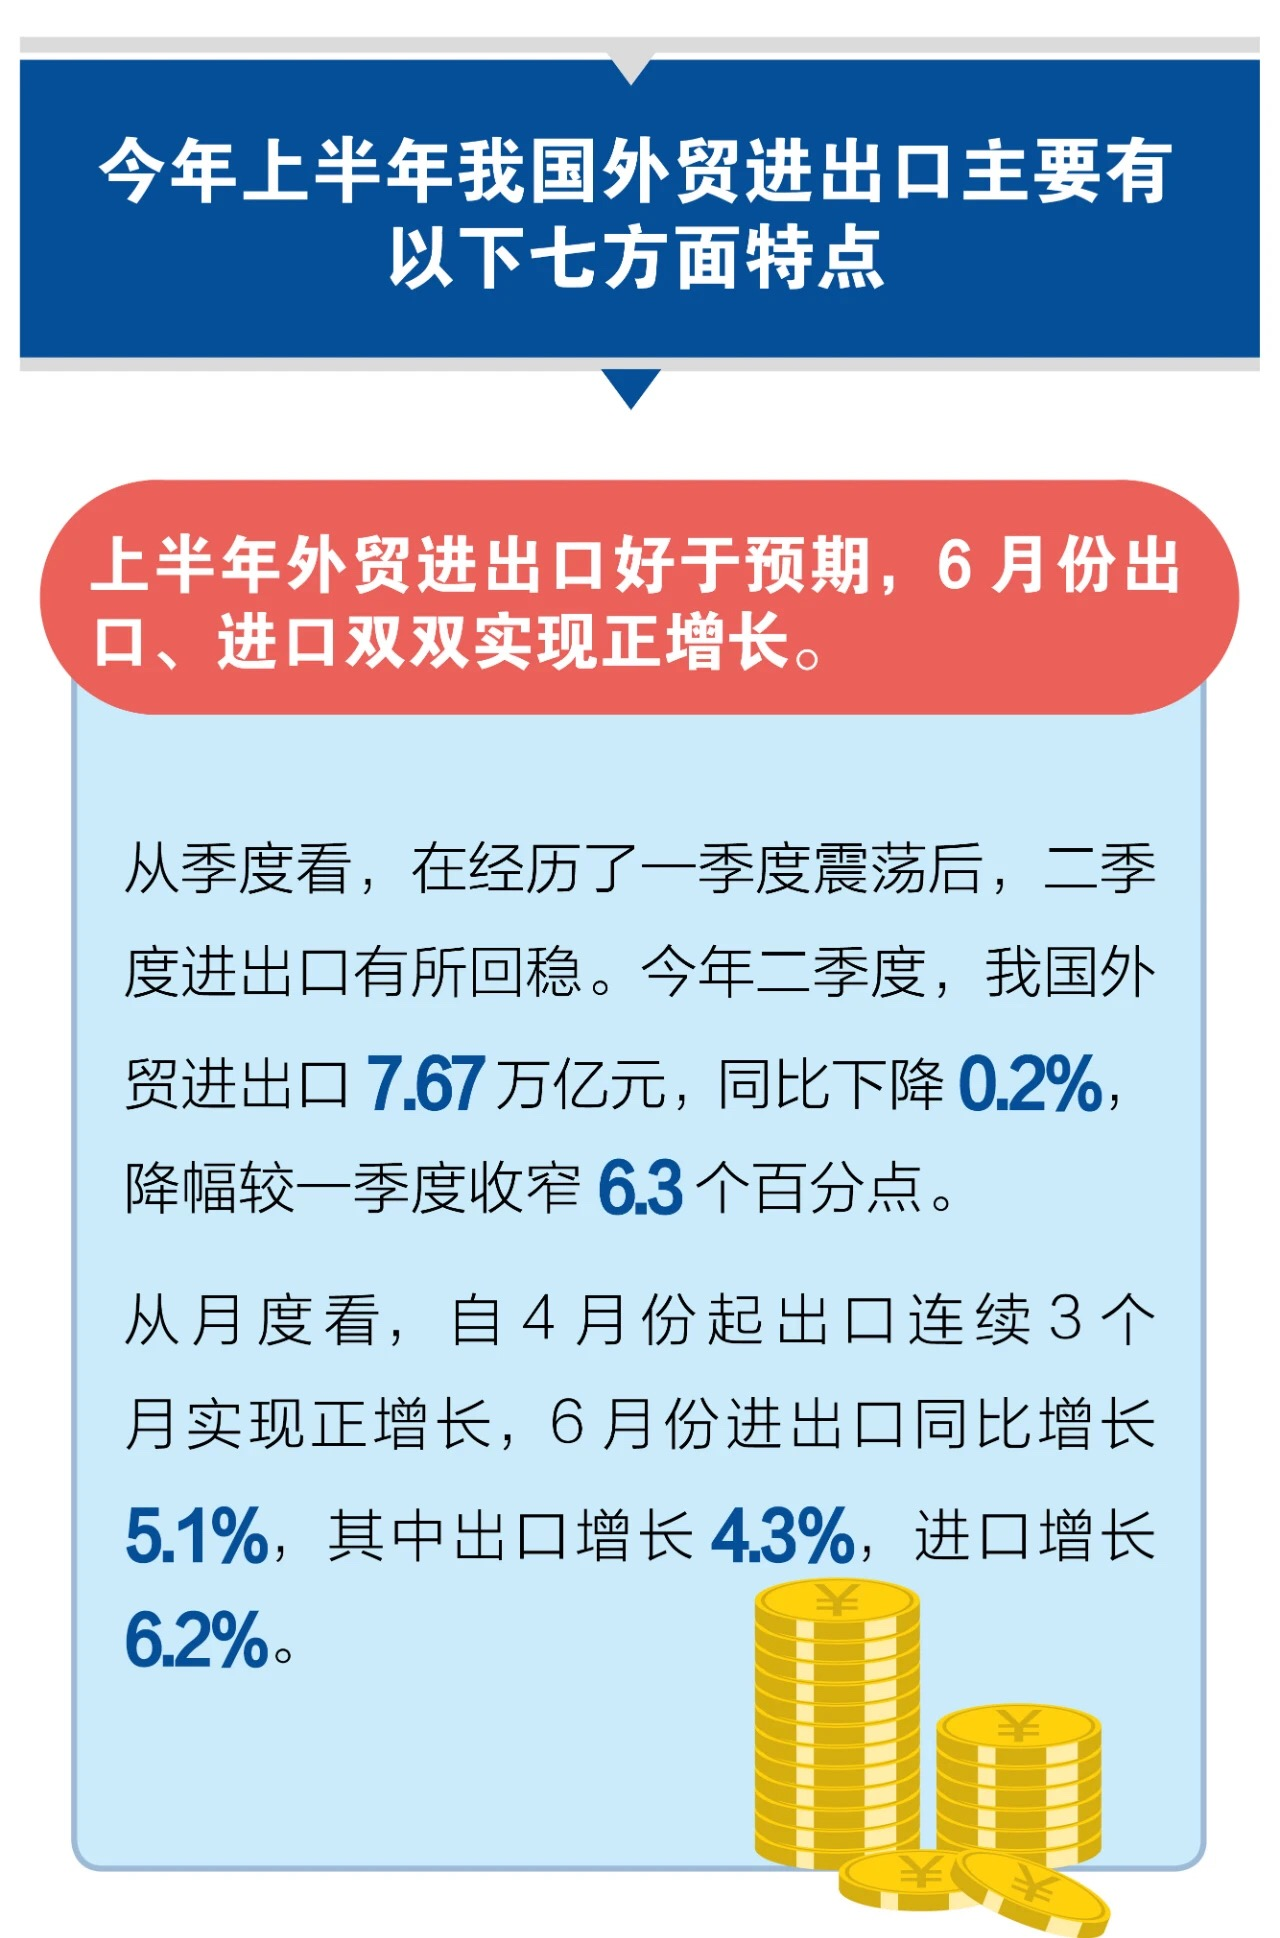 外贸|2020上半年我国外贸进出口总值14.24万亿元人民币